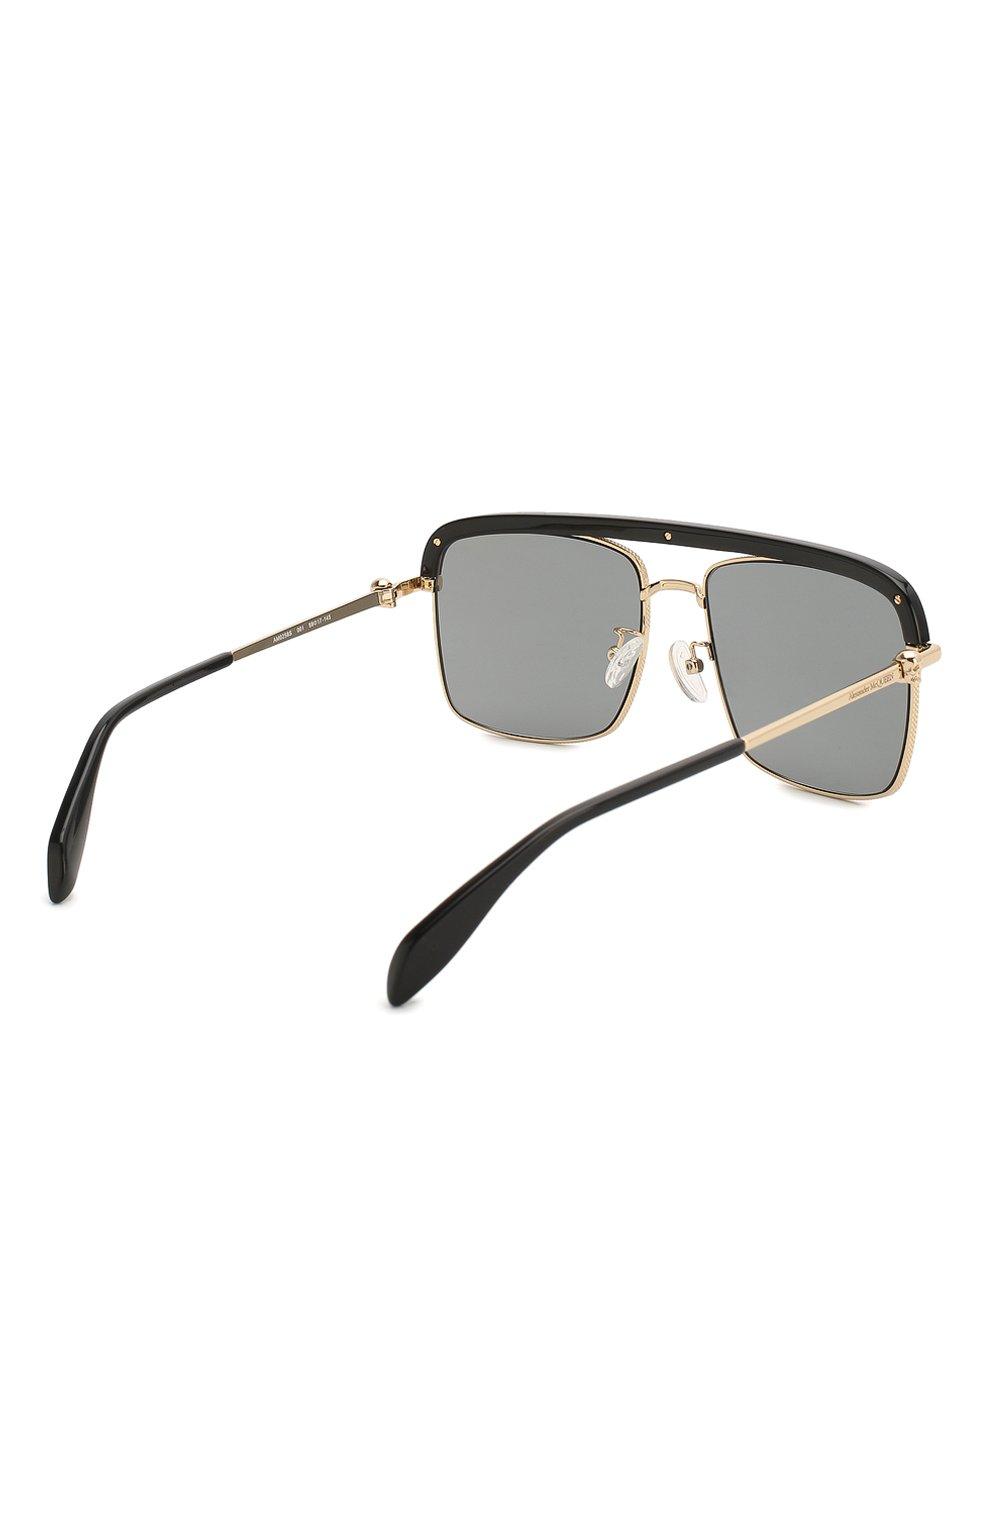 Женские солнцезащитные очки ALEXANDER MCQUEEN черного цвета, арт. AM0258S 001   Фото 5